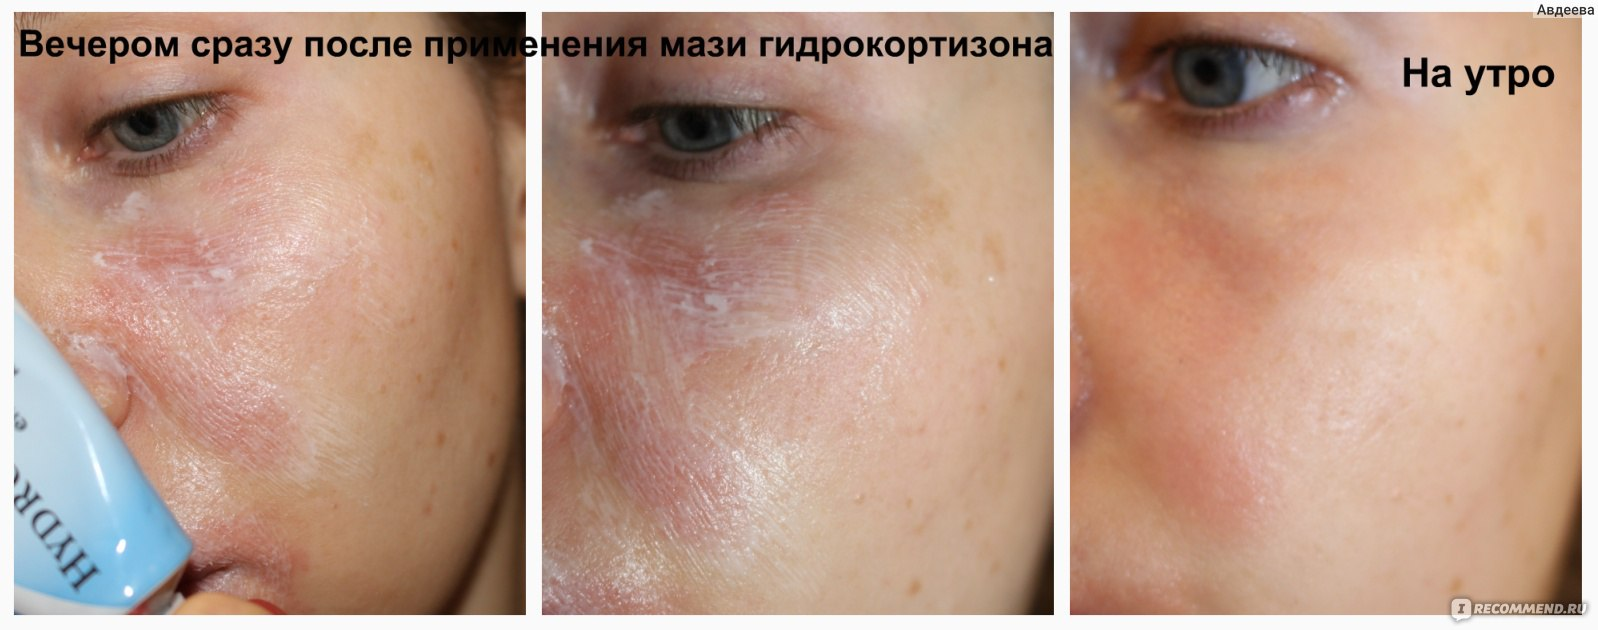 Периоральный (околоротовой) дерматит